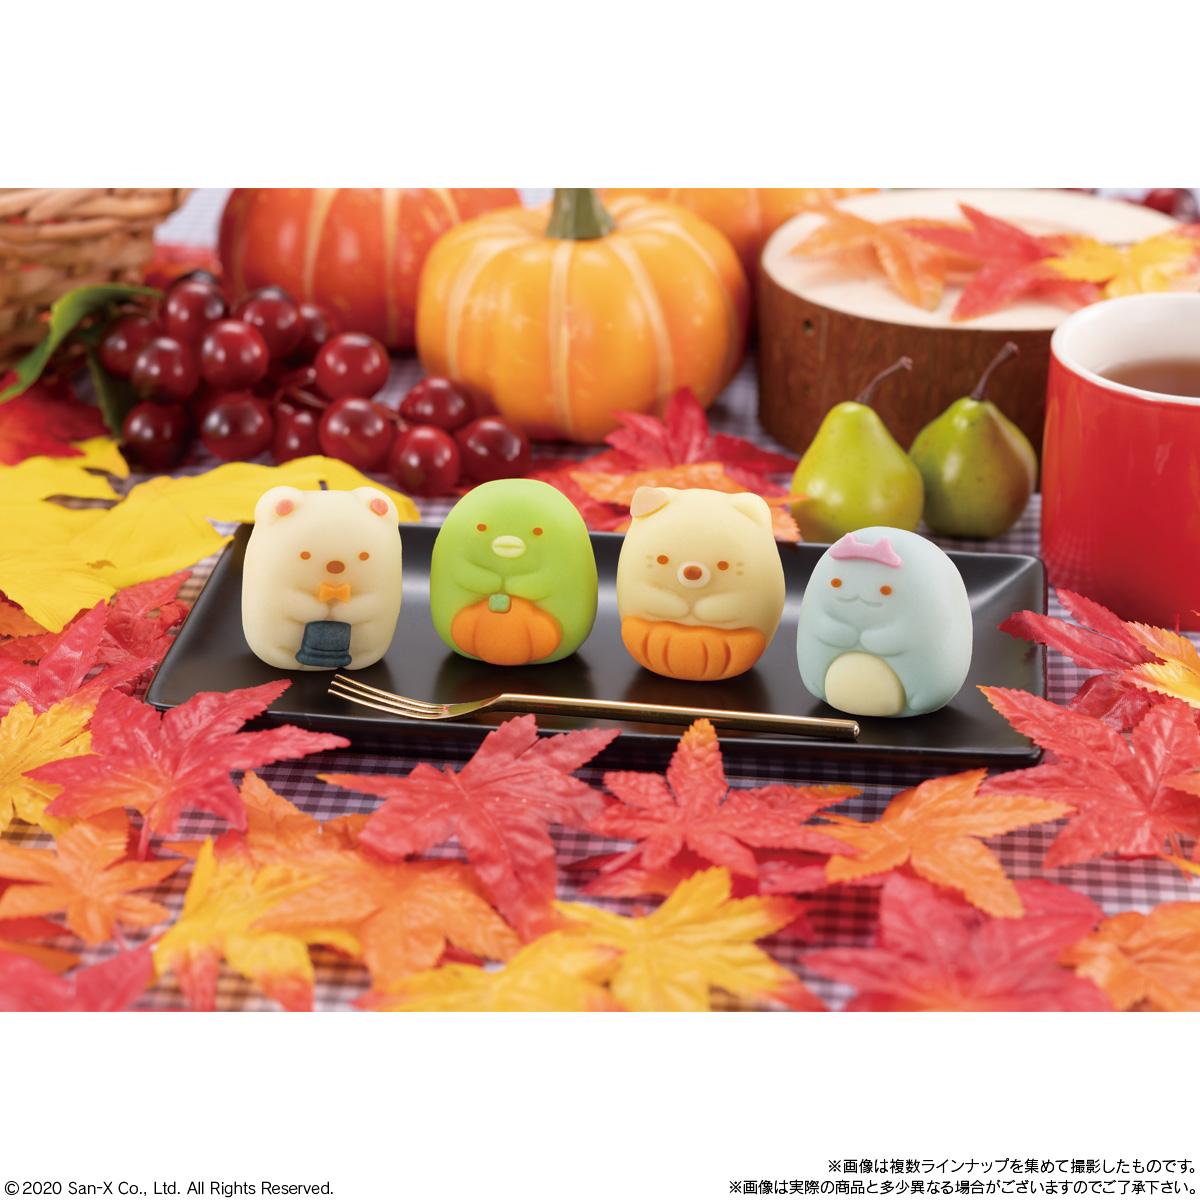 食べマス すみっコぐらし ~秋のおめかしすみっコ~ しろくま・ぺんぎん?_4